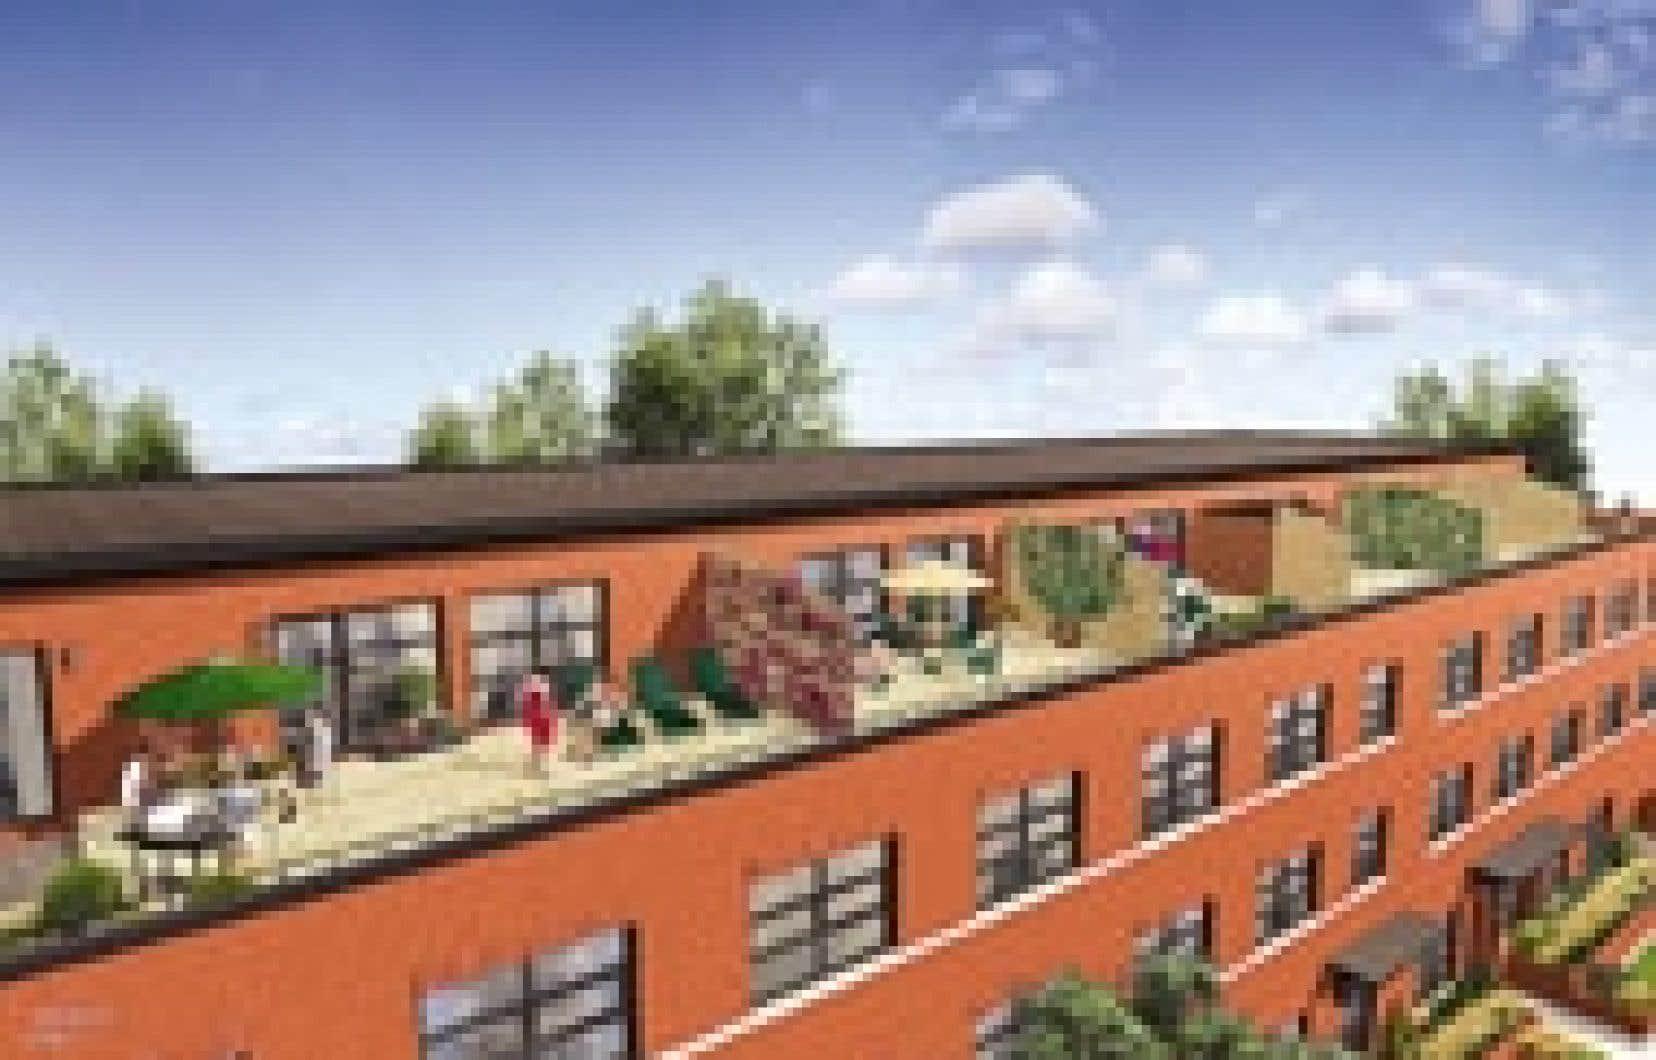 Le projet des «Lofts à la Petite-Italie», conçu par le groupe BNR, s'adresse à une clientèle de jeunes professionnels. Source: Groupe BNR